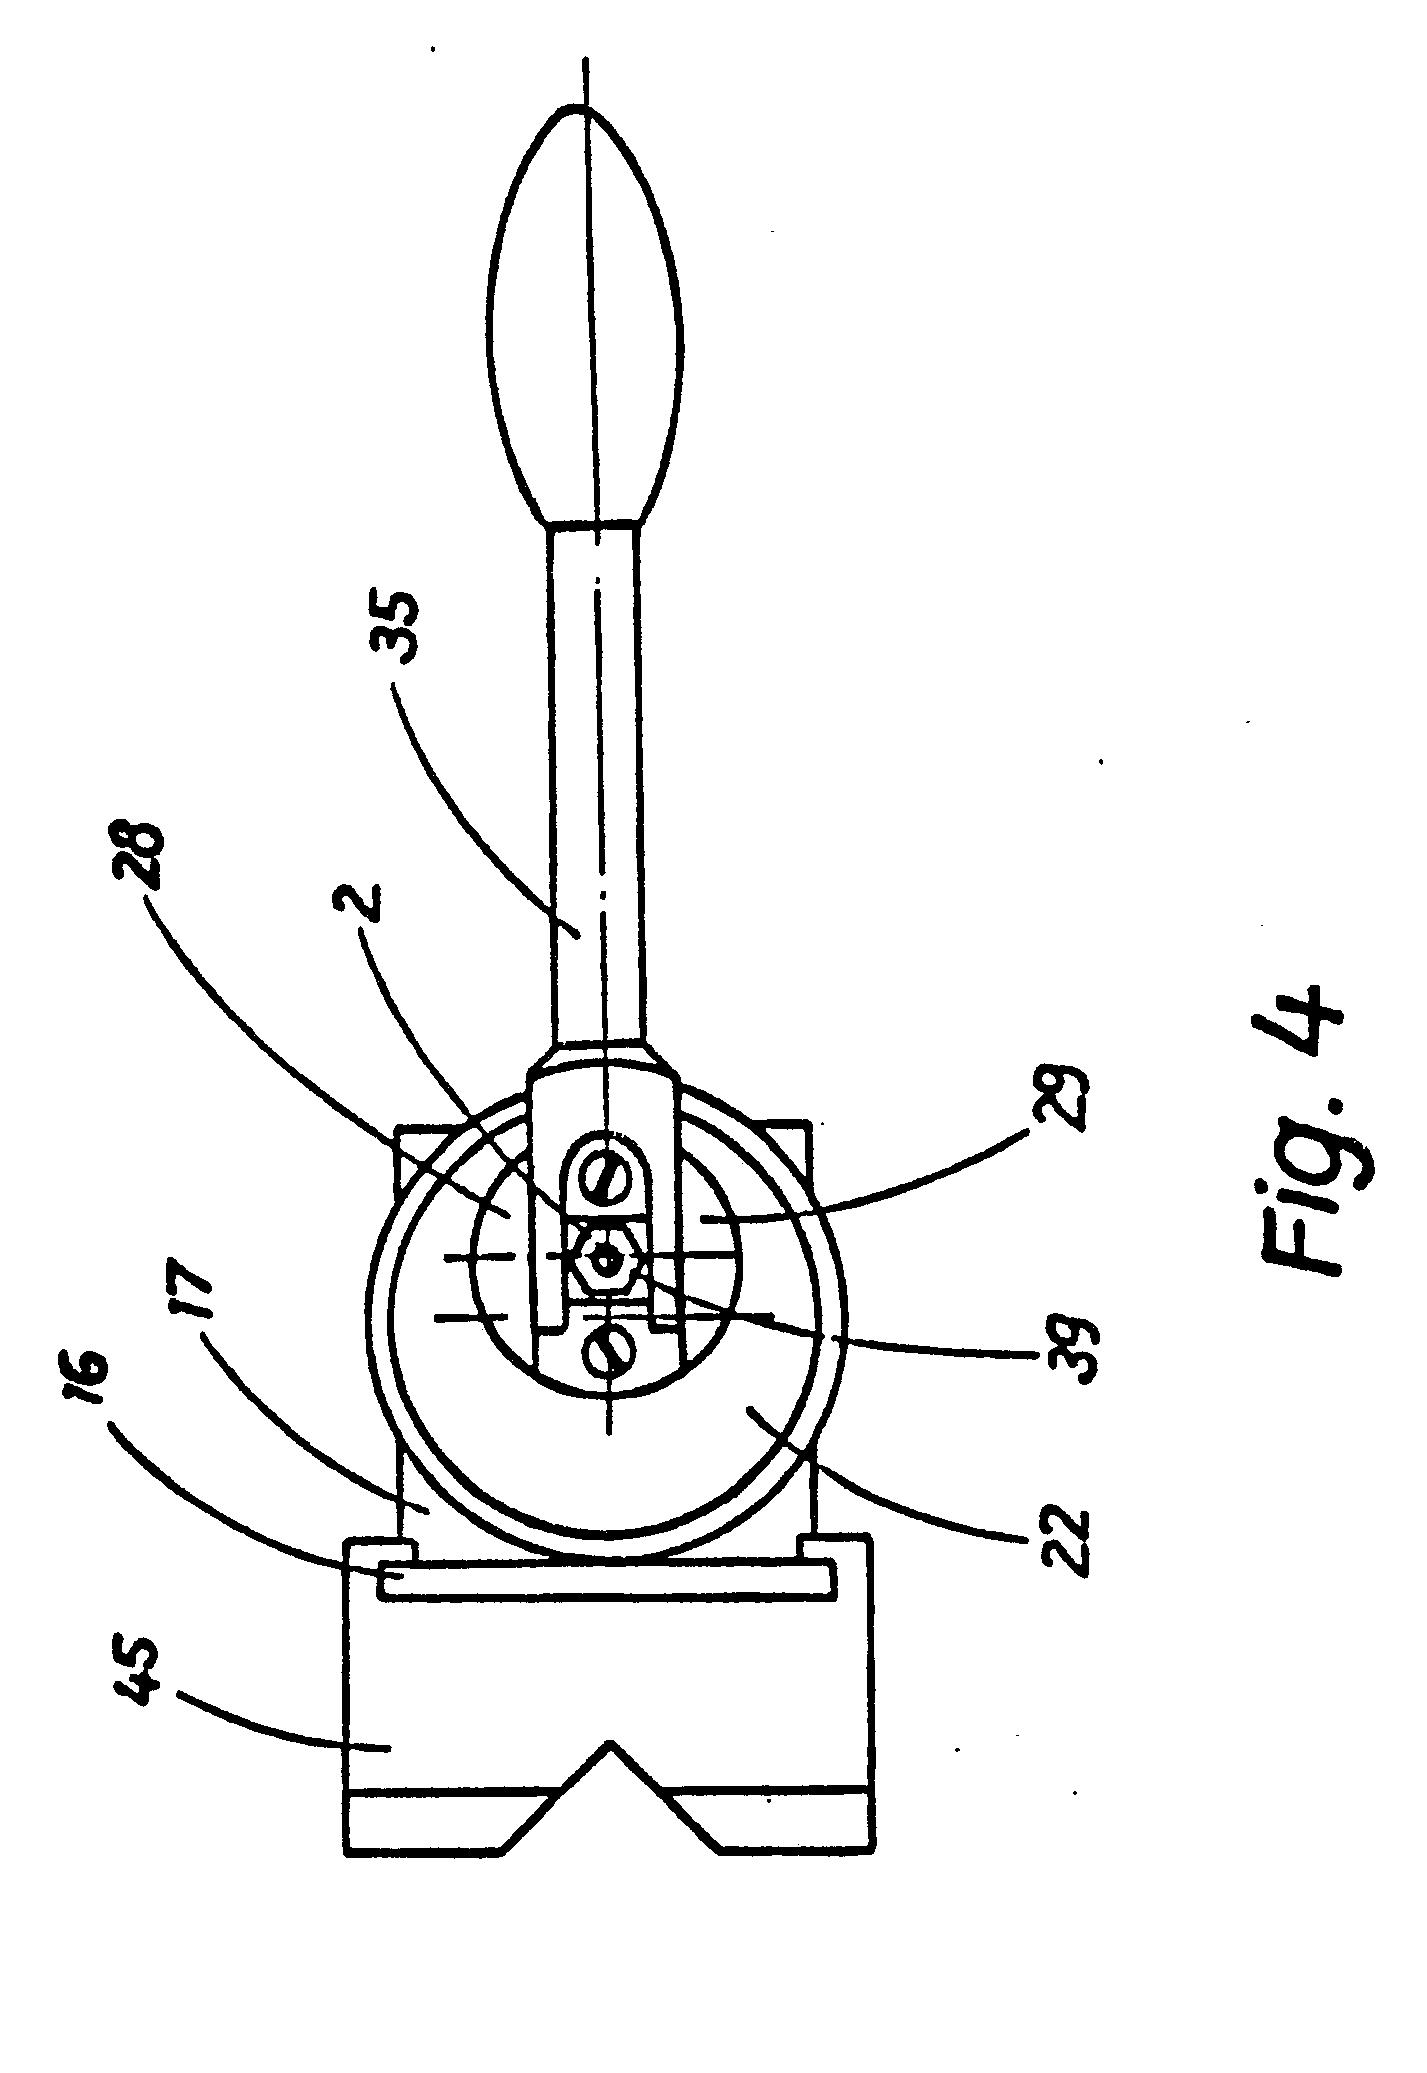 patent ep0236672b1 spannvorrichtung zum spannen von werkst cken auf werktischen oder. Black Bedroom Furniture Sets. Home Design Ideas